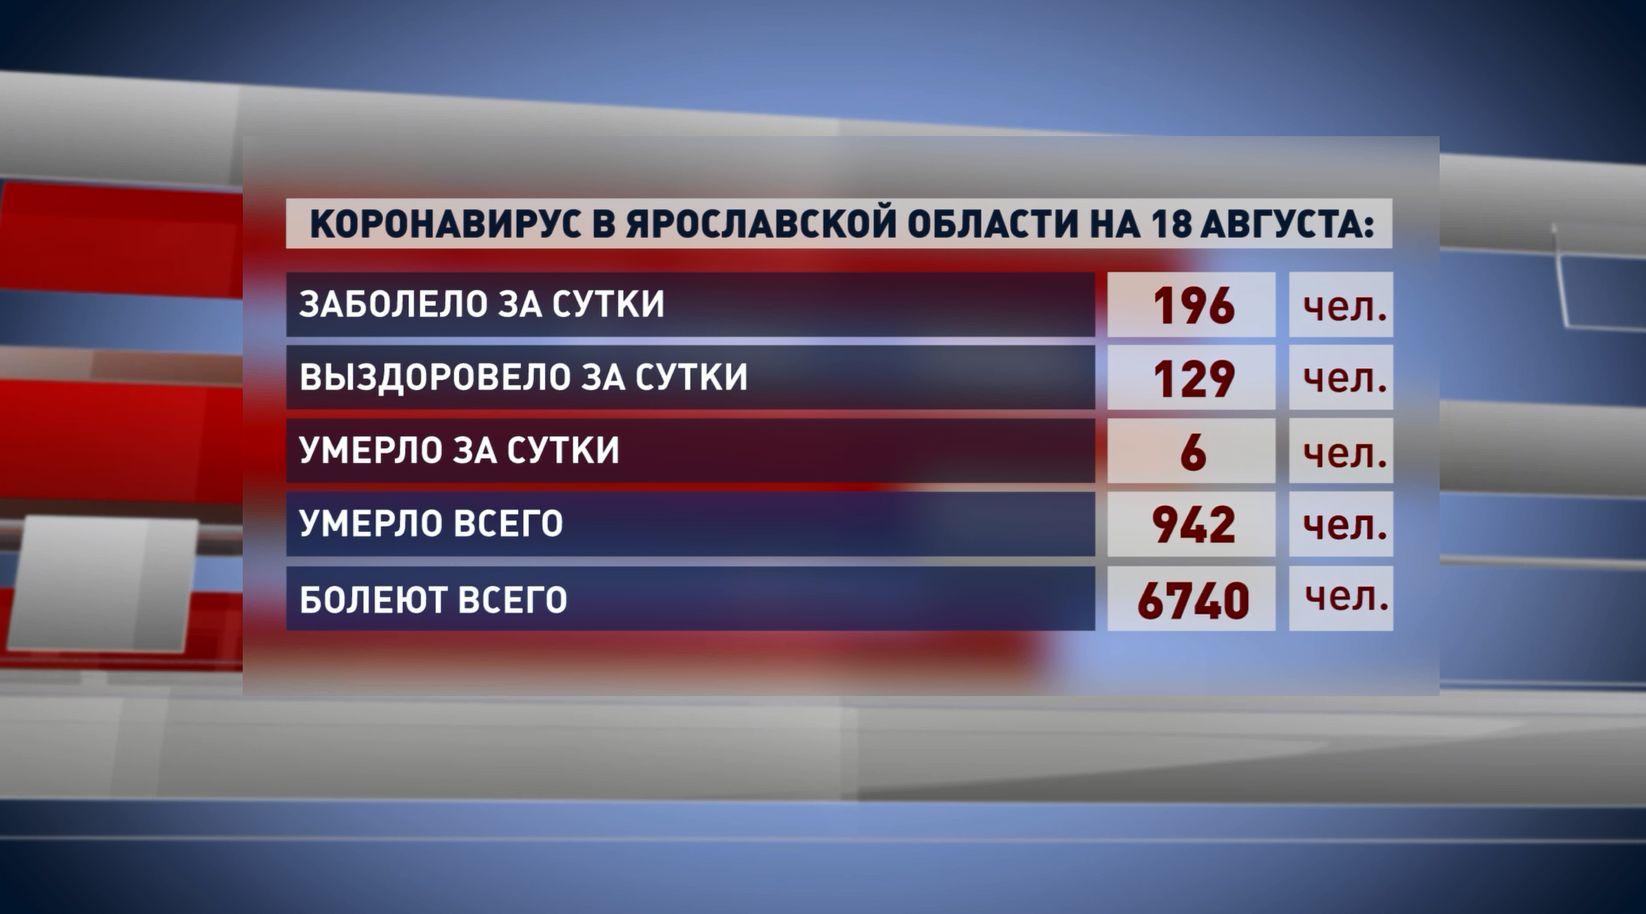 За прошедшие сутки в Ярославской области выявлено 196 новых заболевших коронавирусом